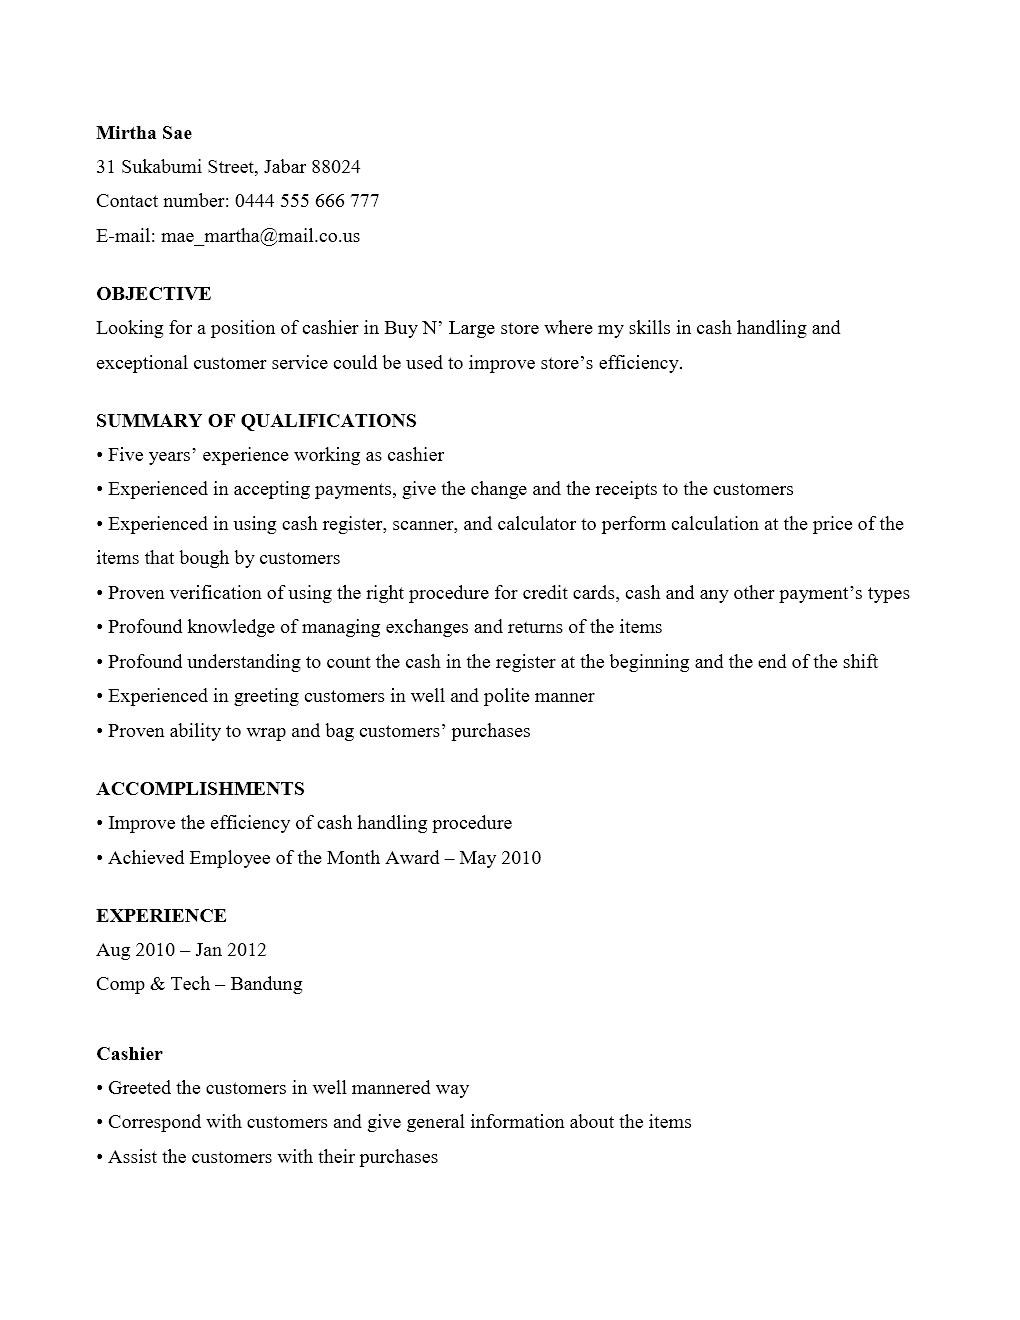 Curriculum Vitae Kasir Yang Menarik Contoh Surat Org